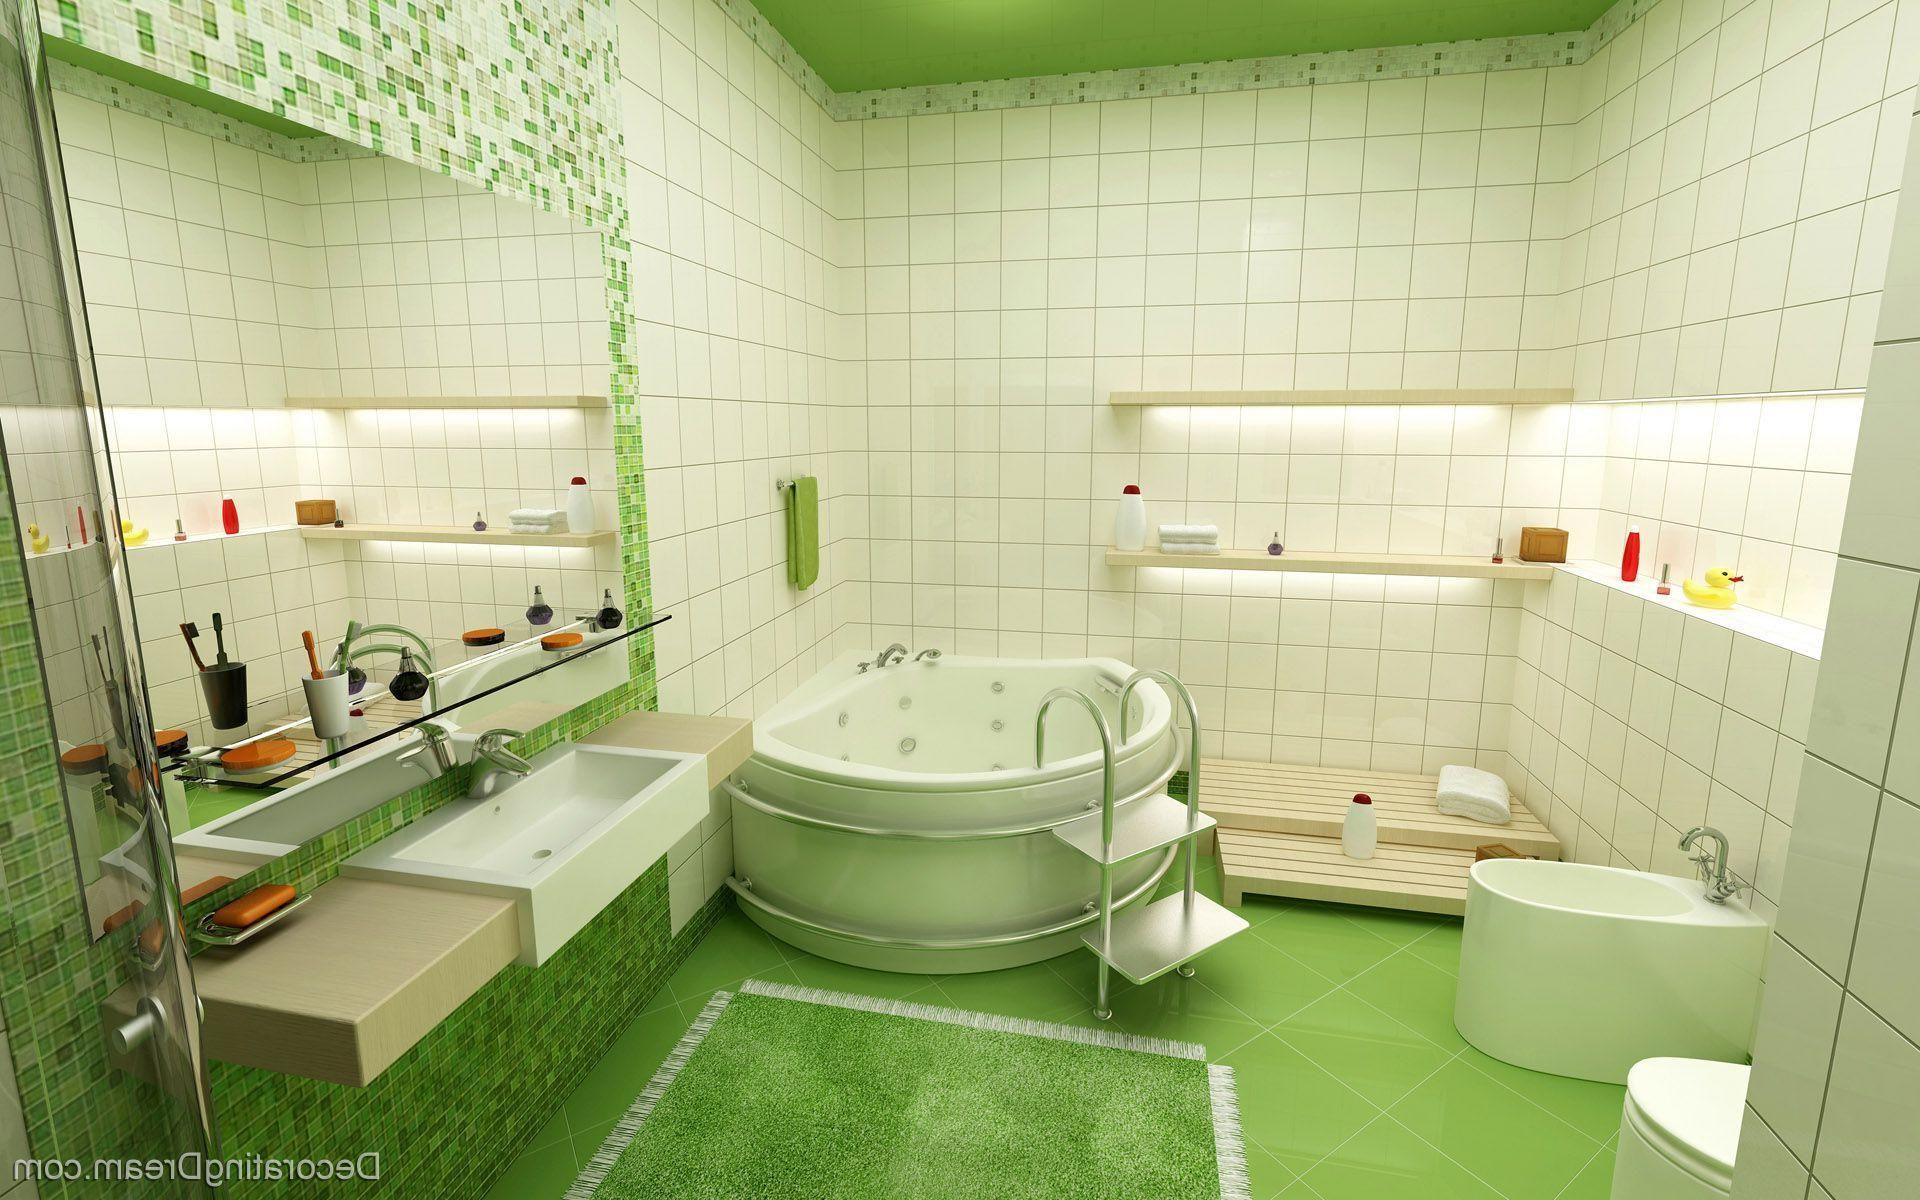 Kids Bathroom Ideas | My bathroom ideas | Pinterest | Kid bathrooms ...